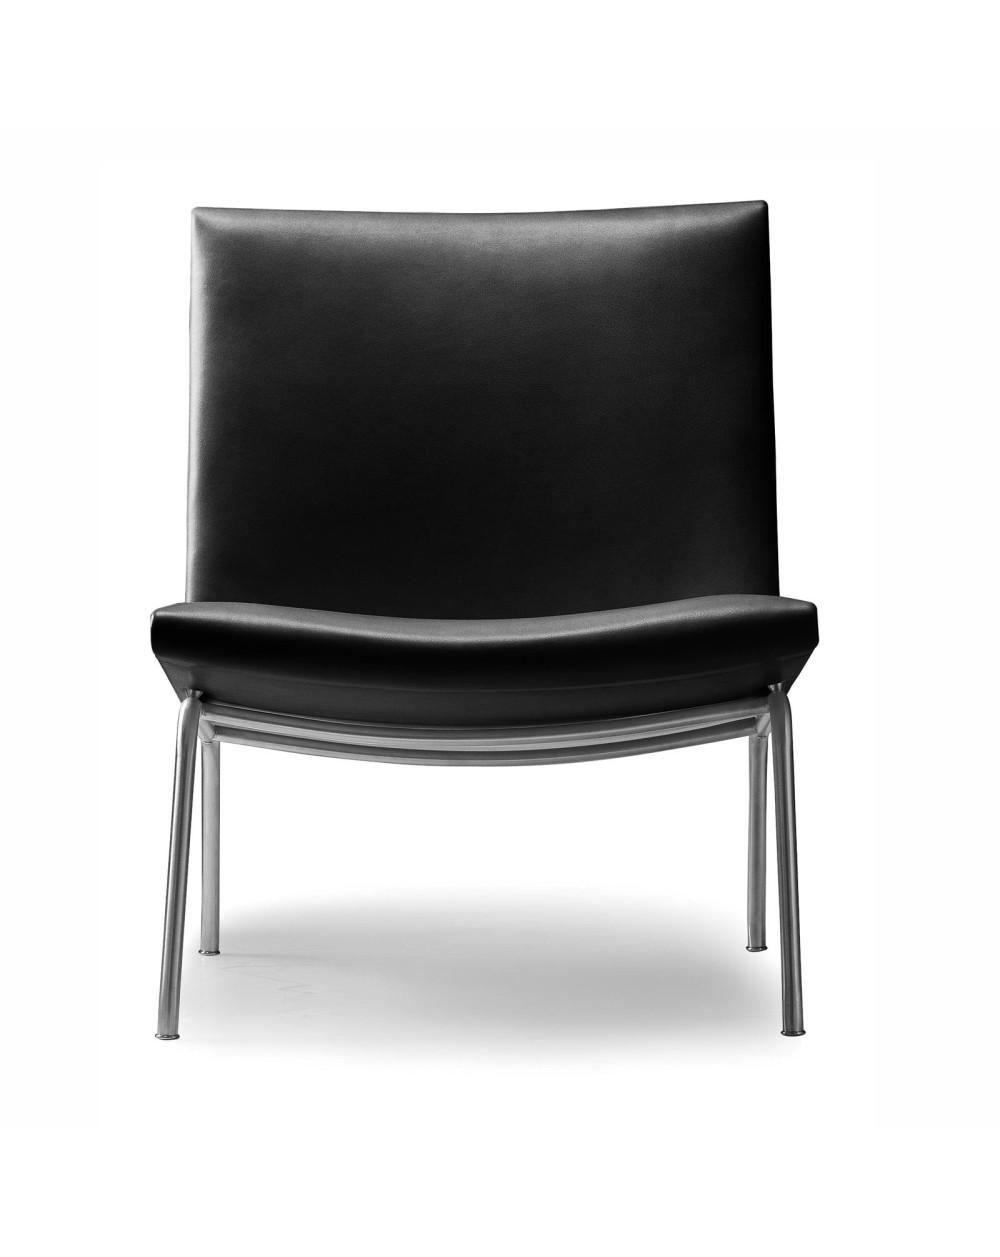 Chaise CH401, design Hans J. Wegner